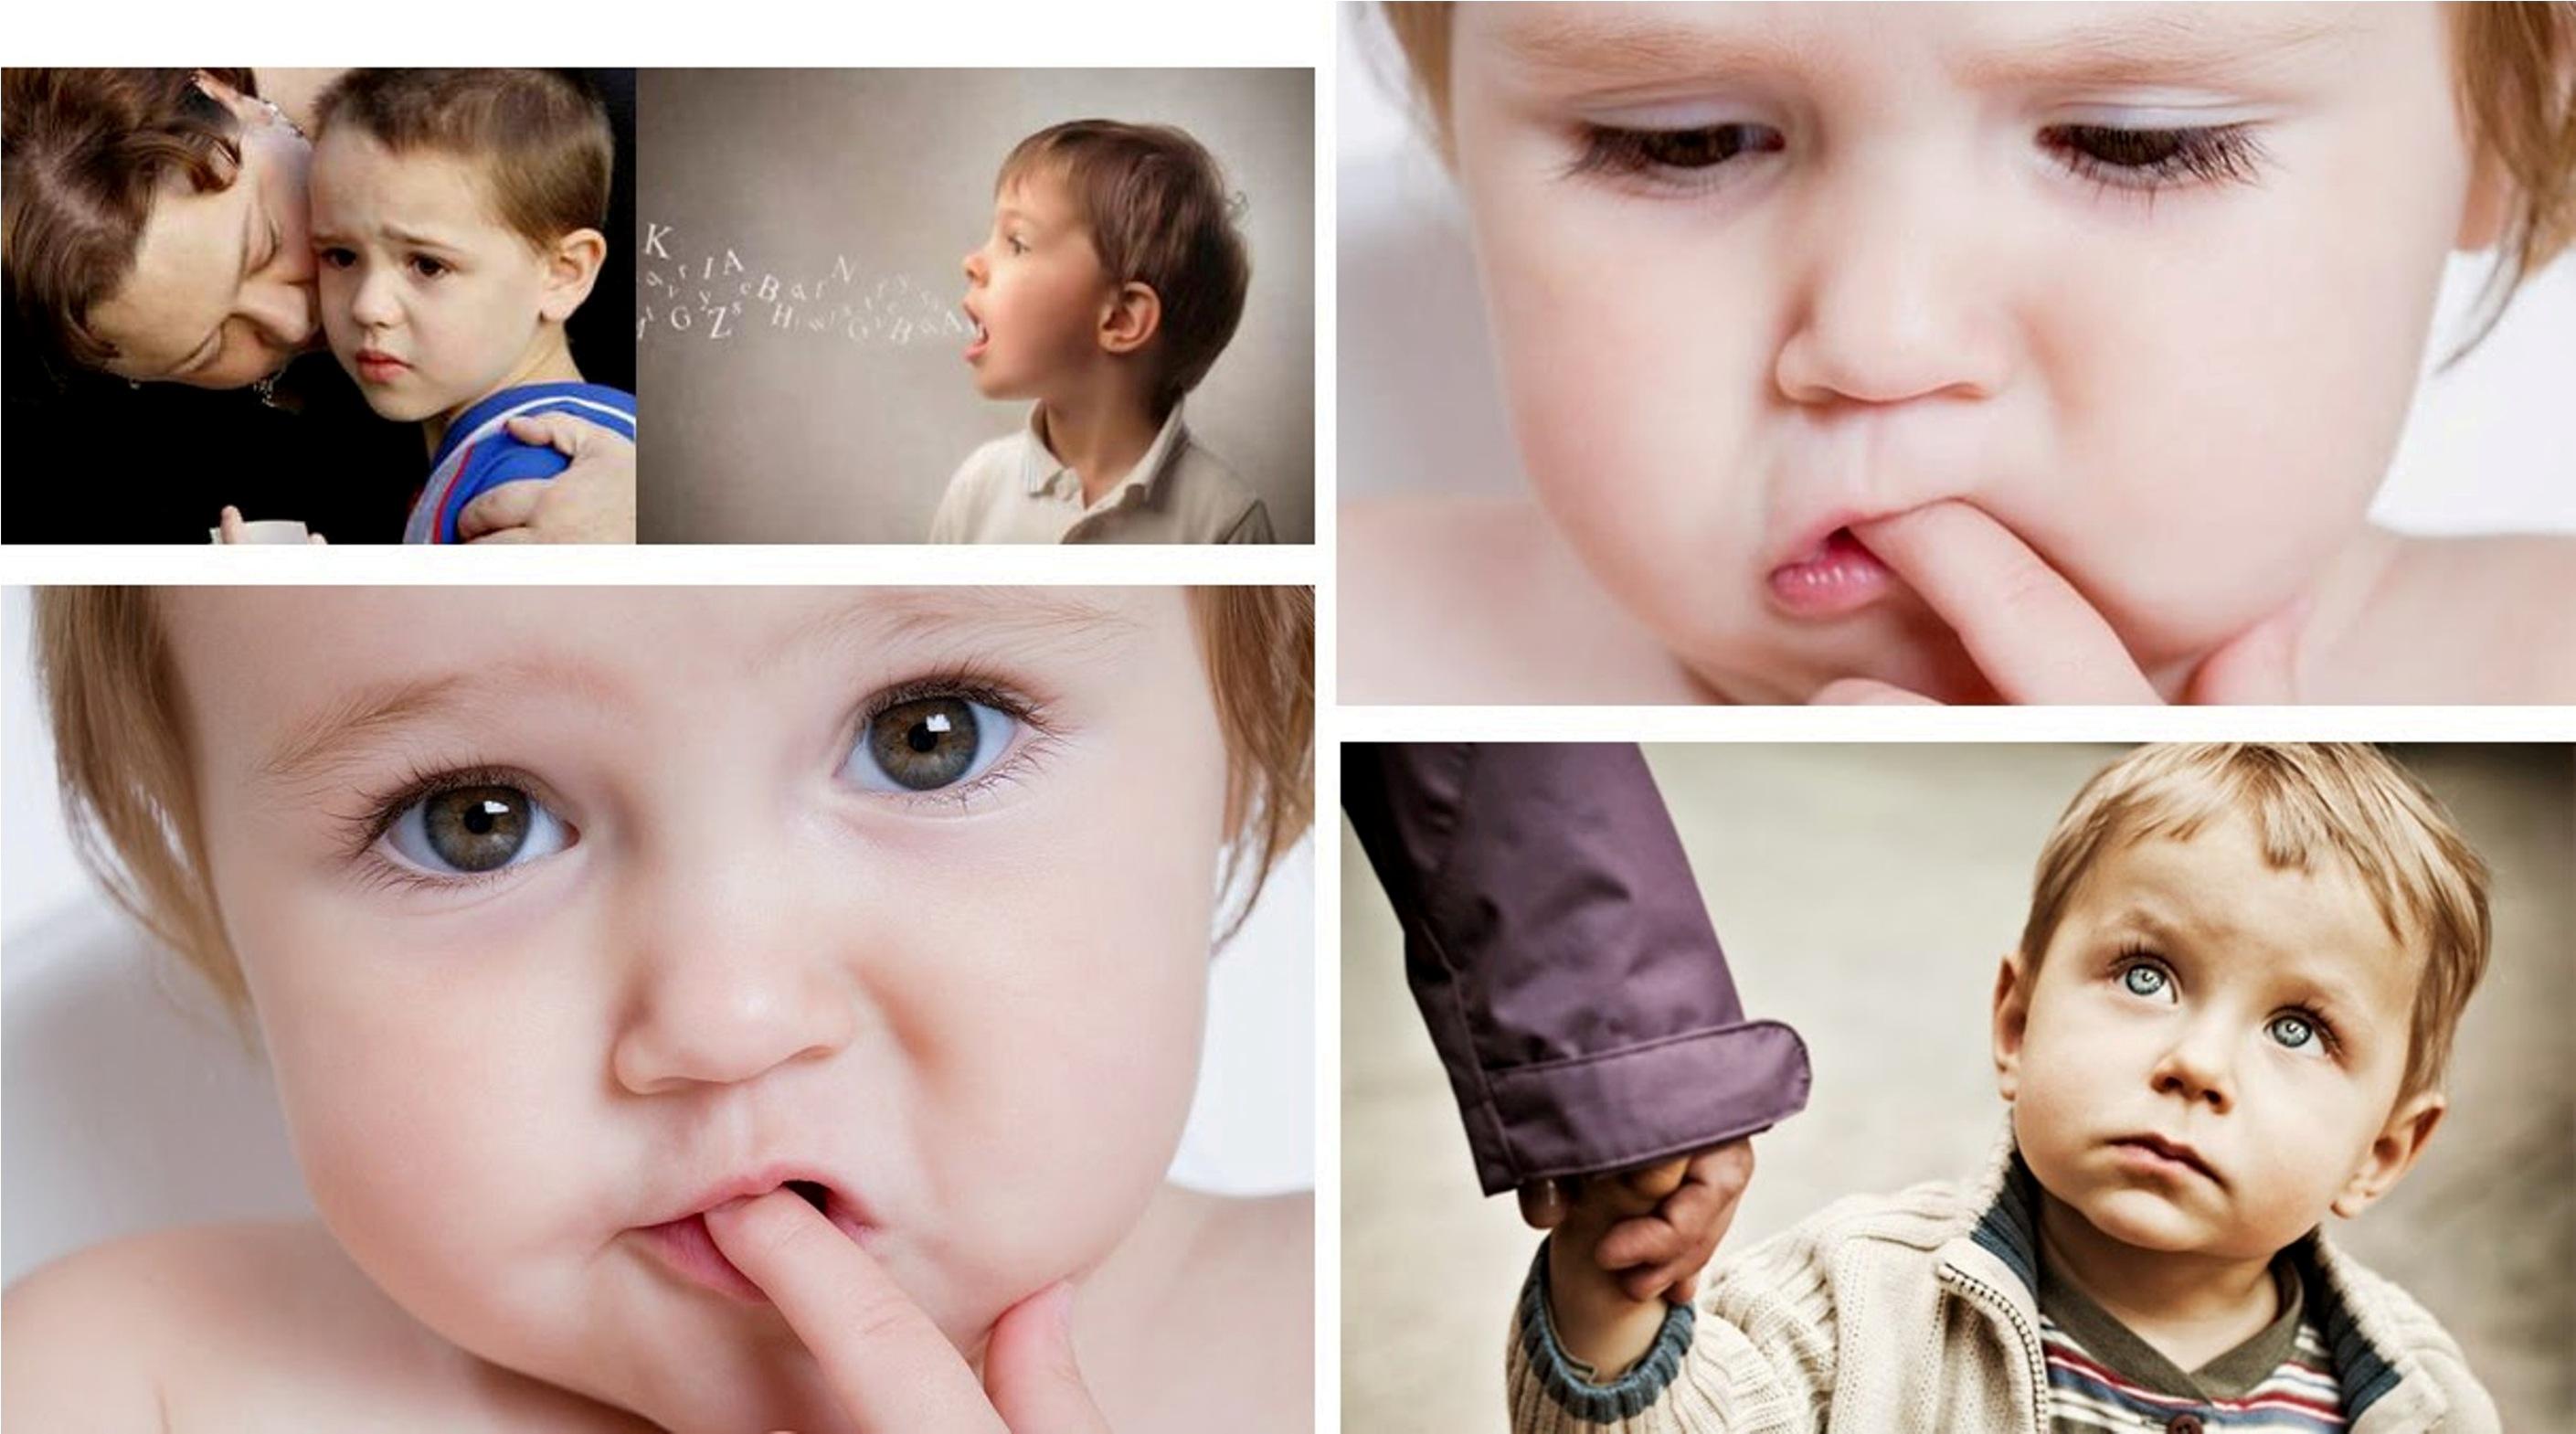 Çocuklarda Konuşma Problemleri ve Konuşma Gecikmesi Kekemelik Neden Olur